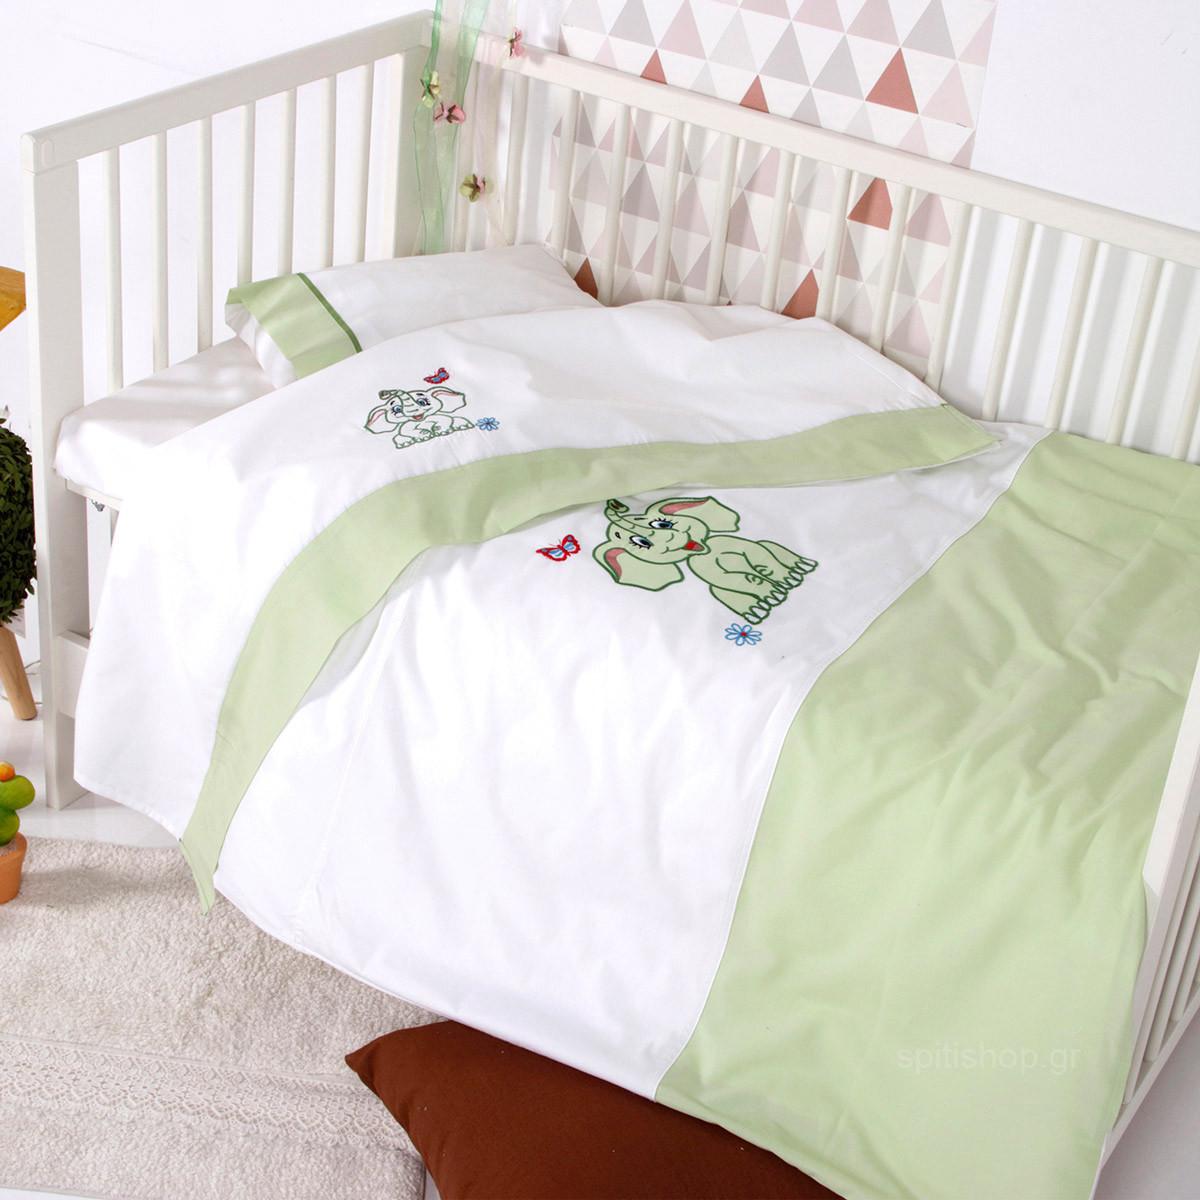 Σεντόνια Κούνιας (Σετ) Sb Home Baby Dumbo Mint